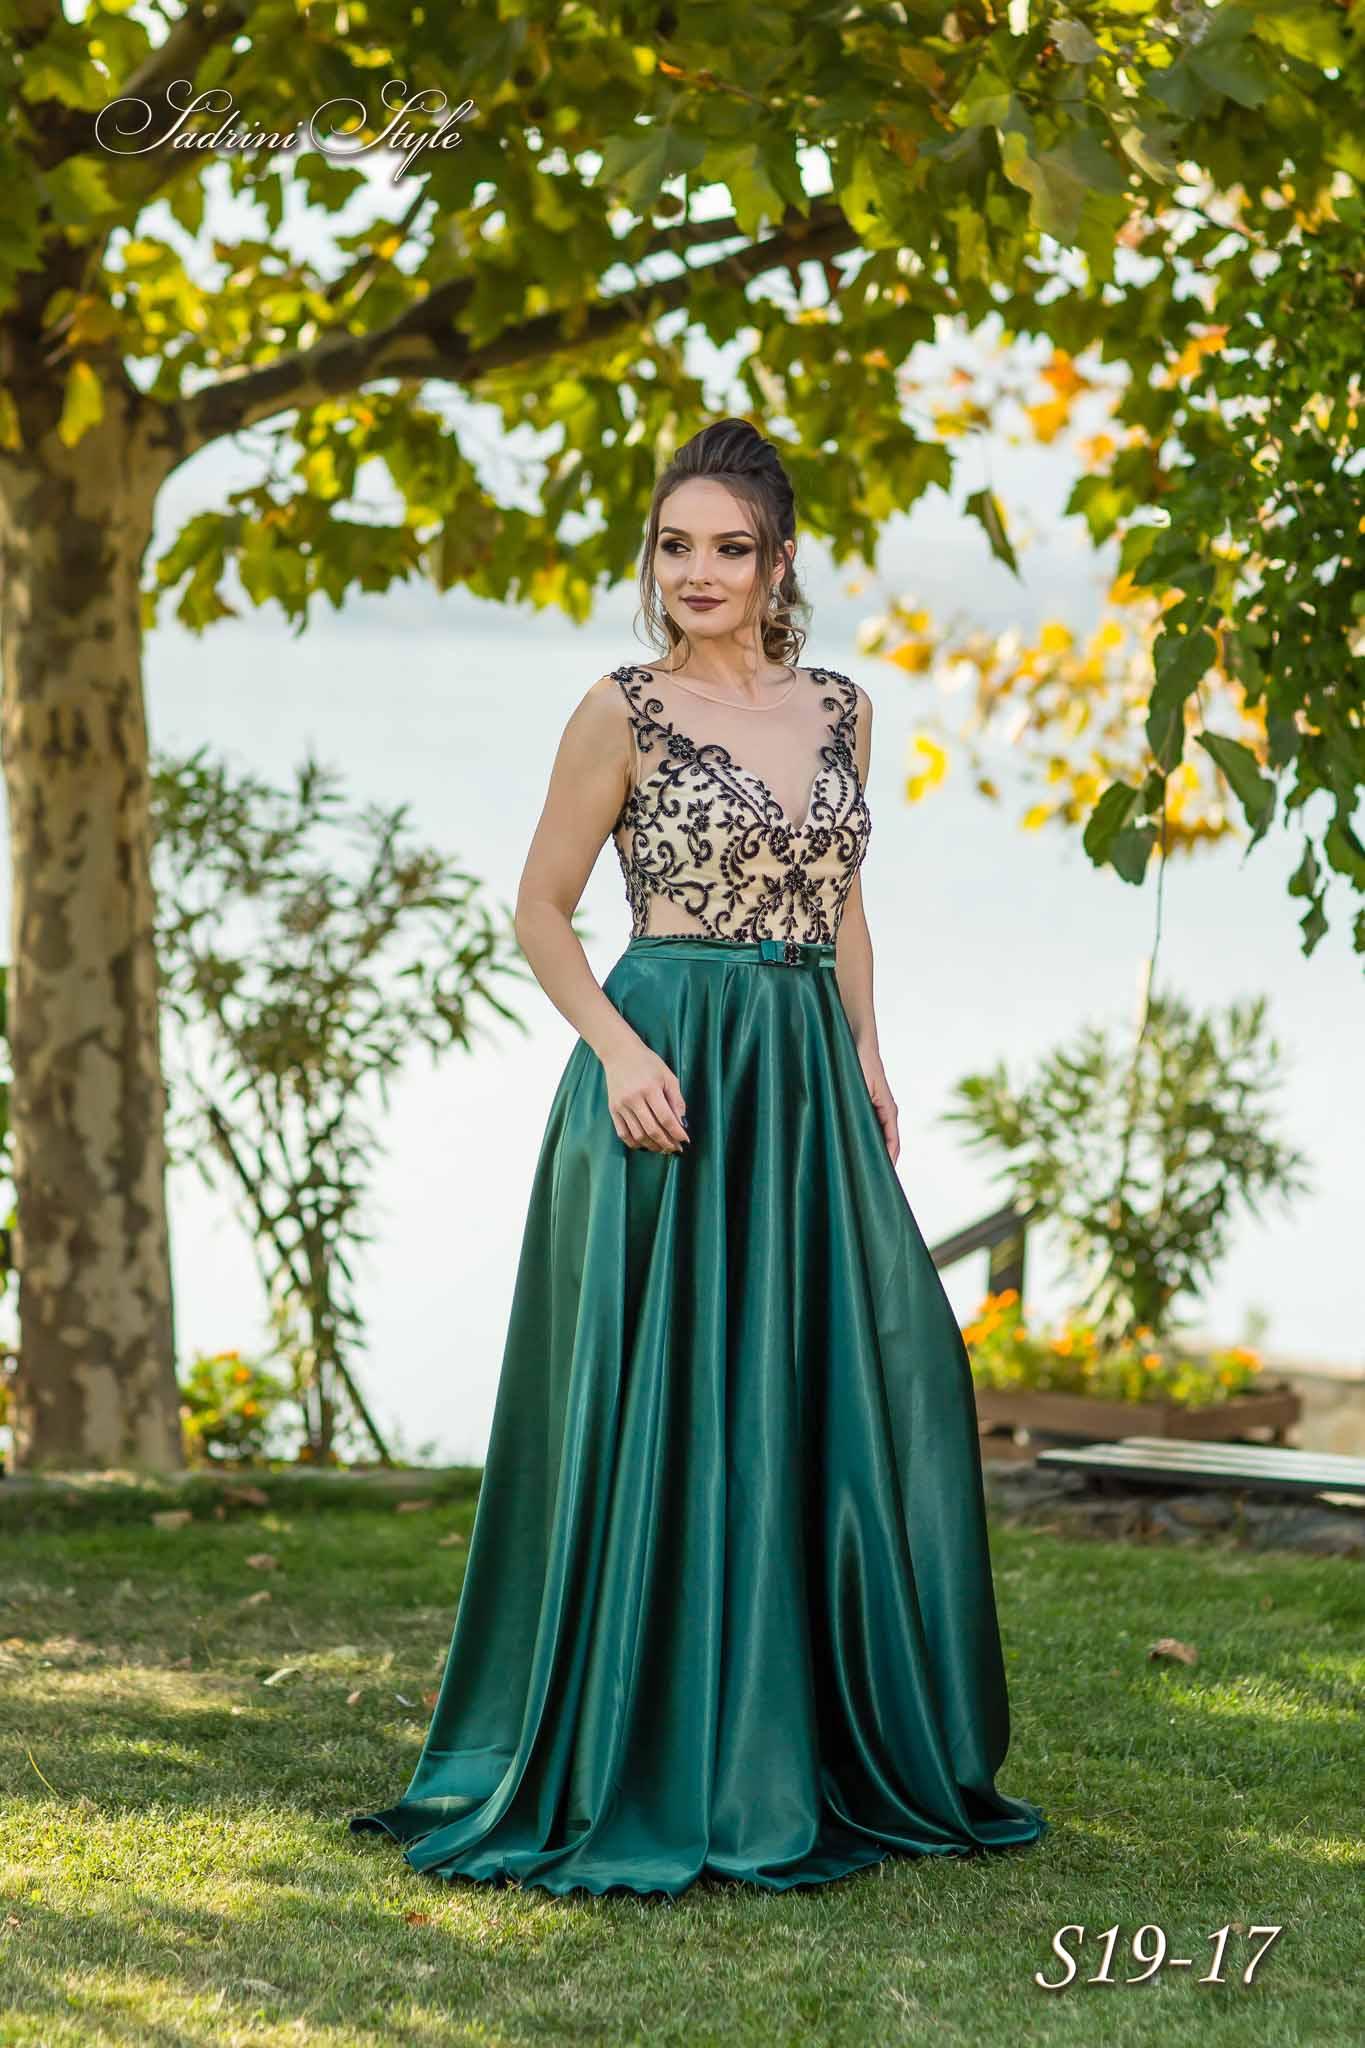 Rochie ocazie 2019 Sadrini Style cat II-30